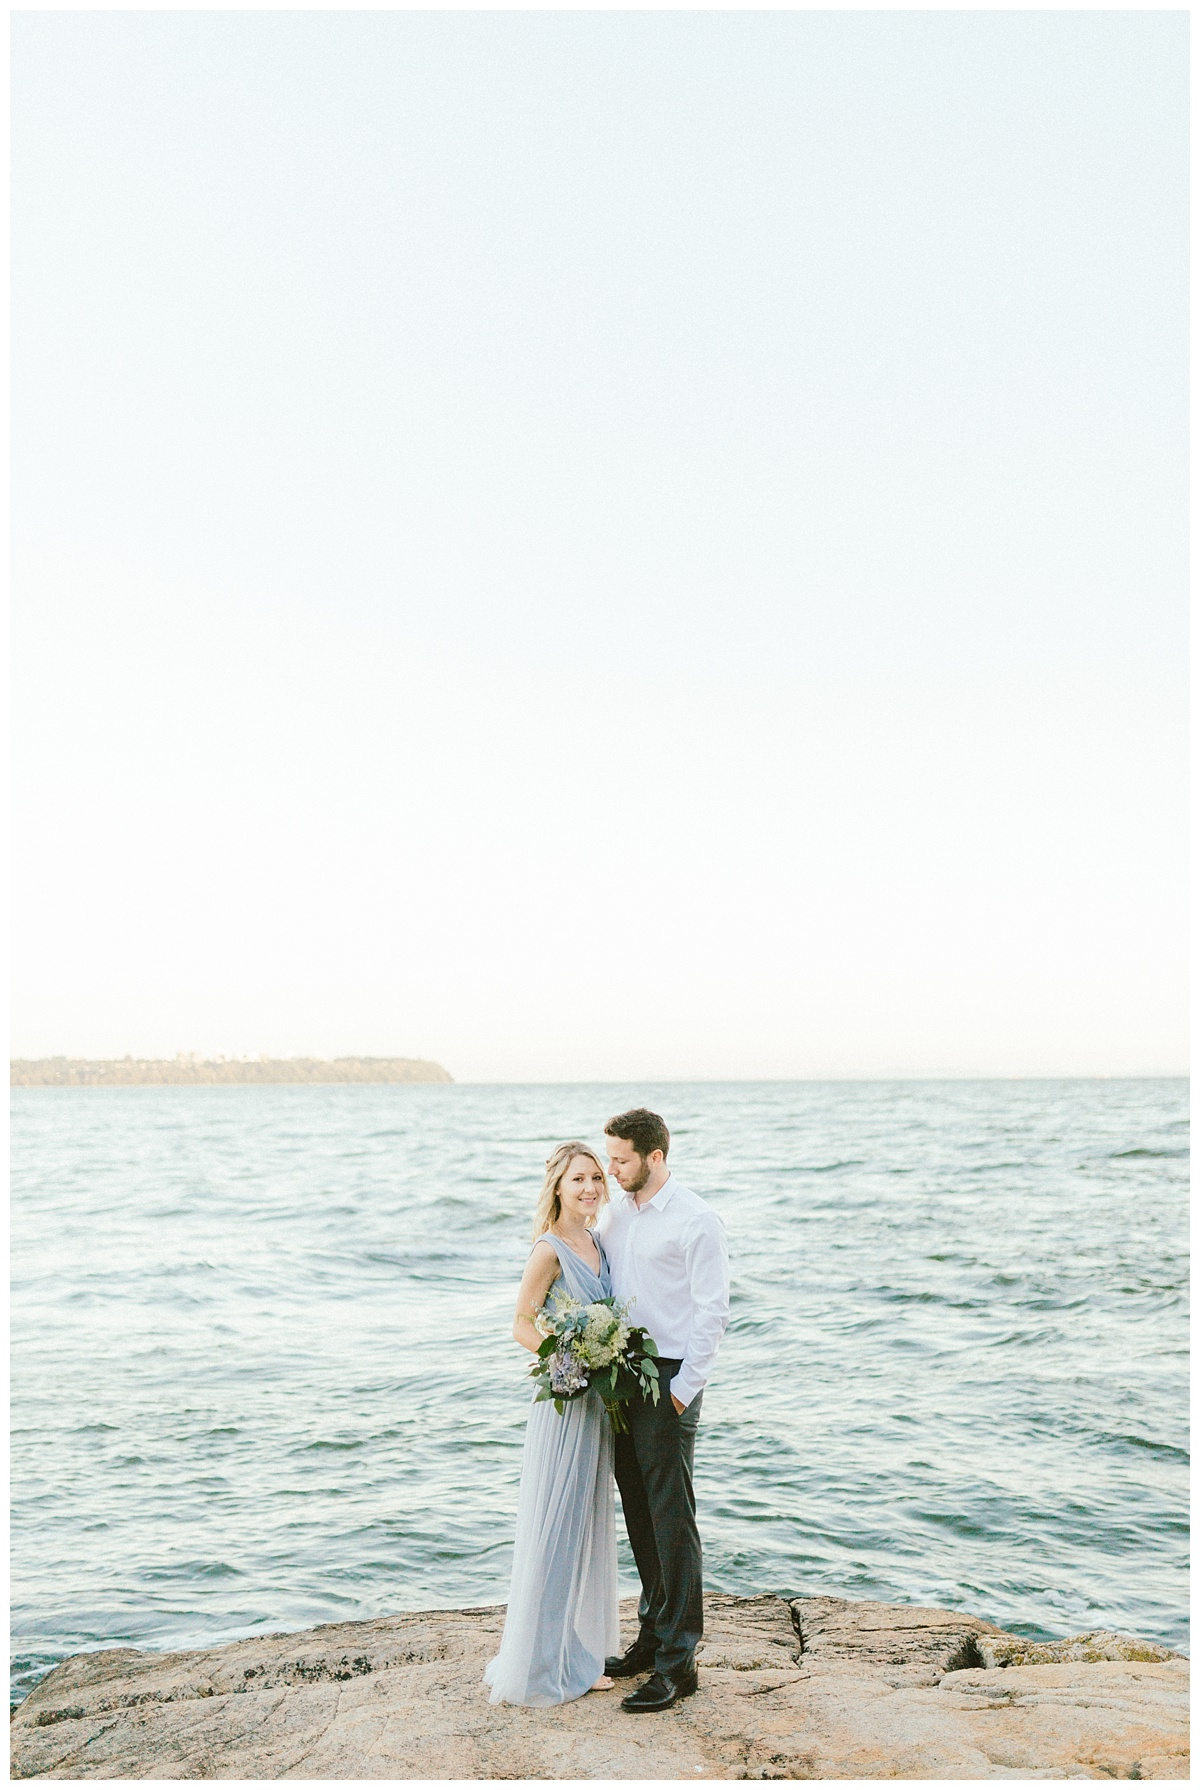 Hong Kong Fine Art Wedding Prewedding Photographer Mattie C. 00027.jpg